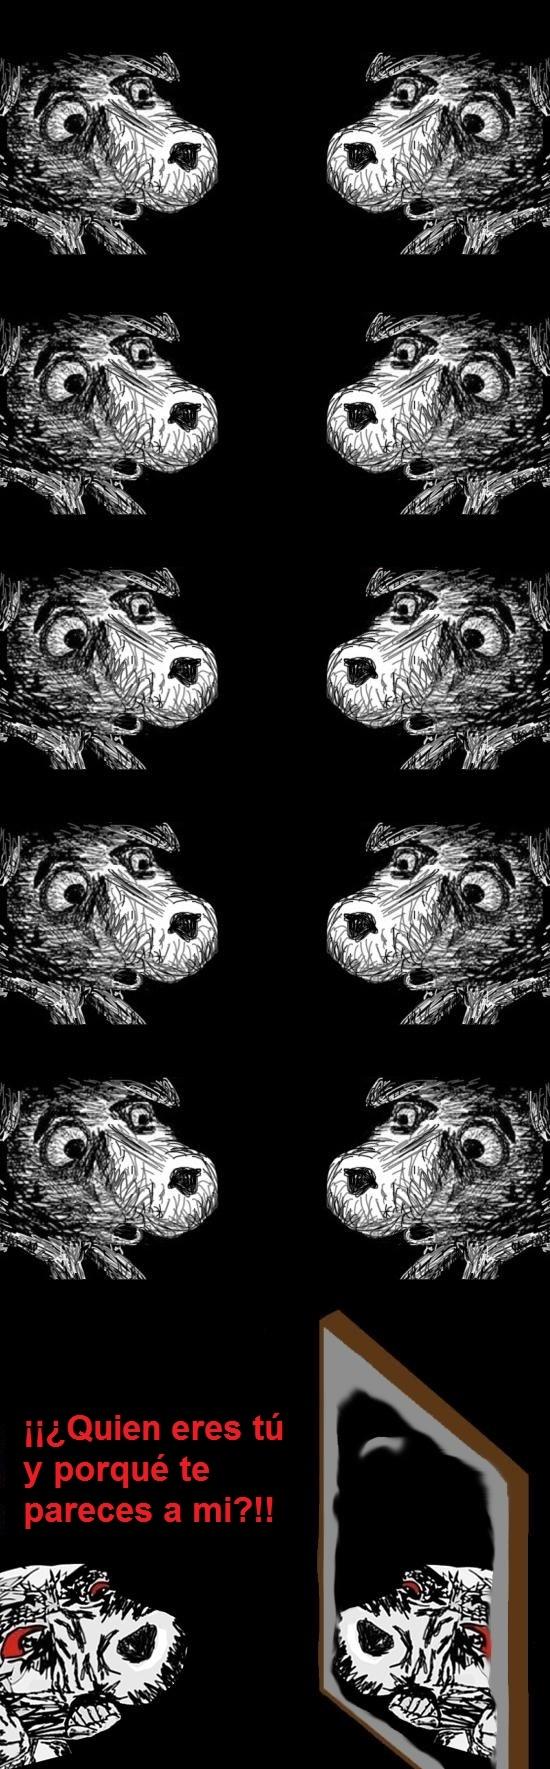 Inglip - Problemas de perros